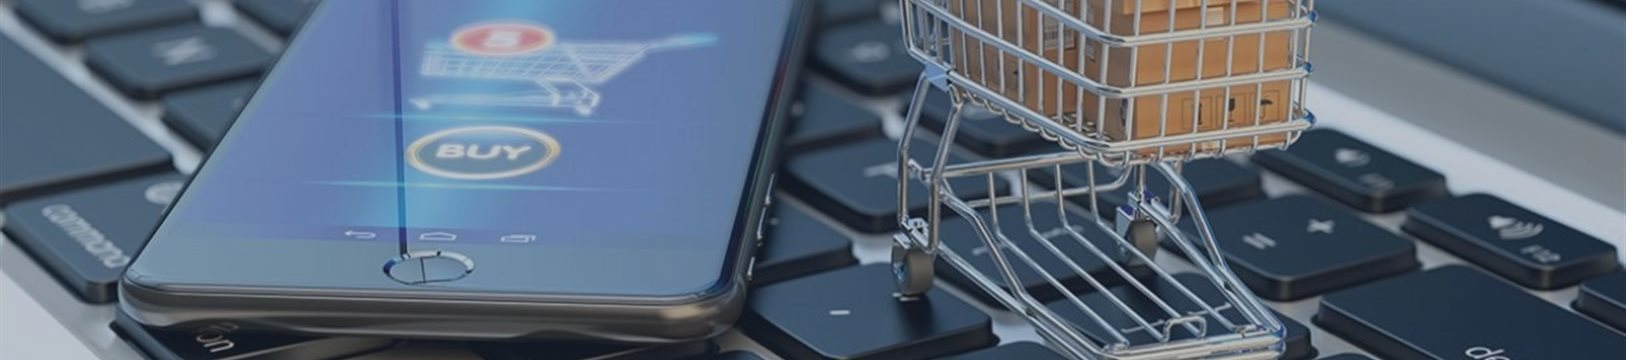 Электронная коммерция может взорвать переговоры США и Китая